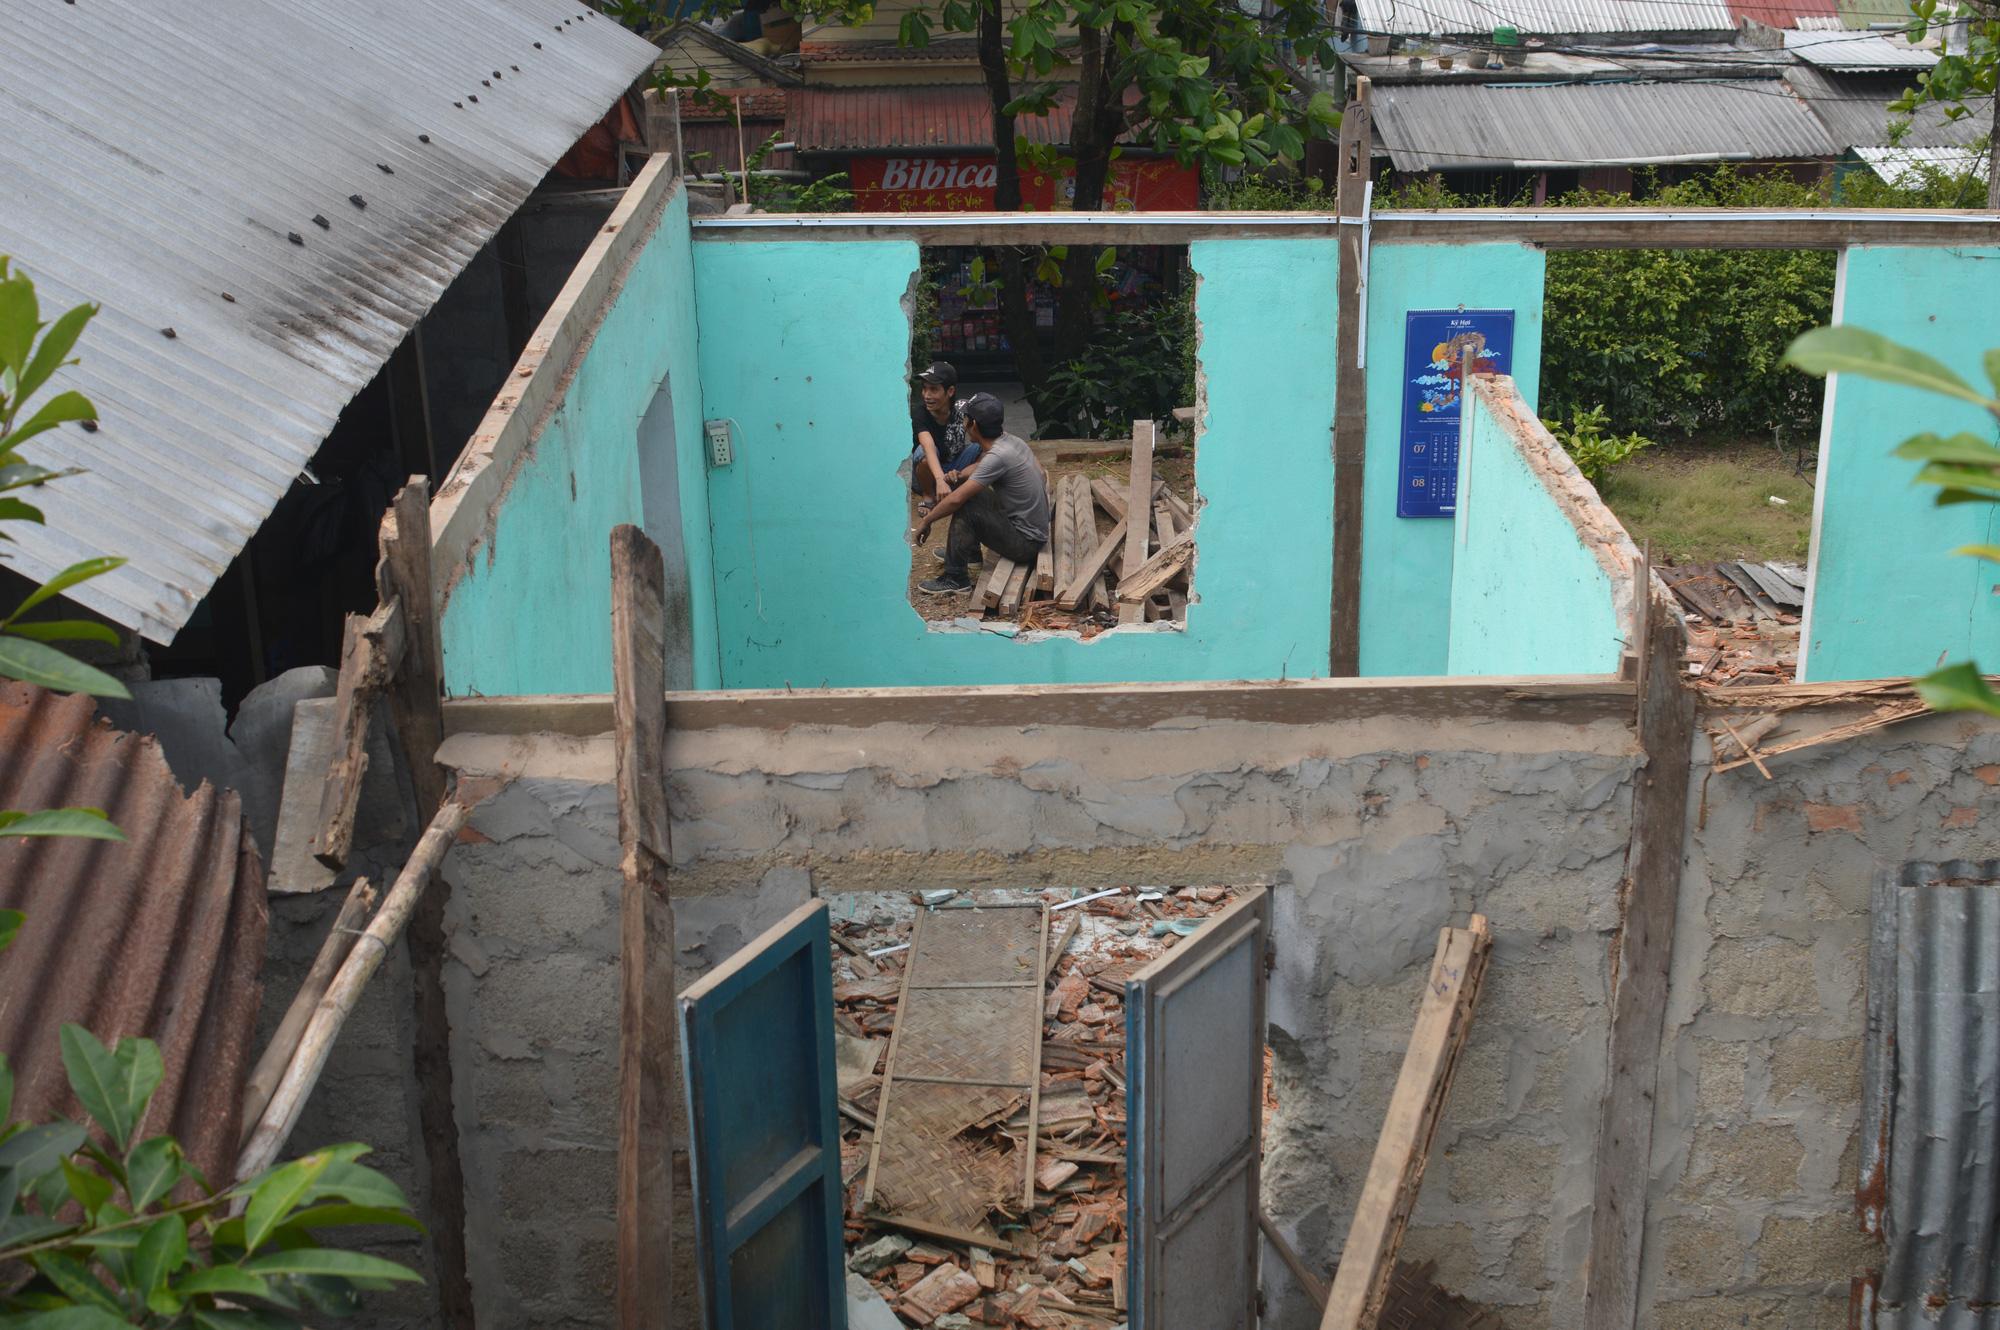 Thừa Thiên - Huế: Người dân Thượng thành tháo dỡ nhà cửa để chuẩn bị đến nơi ở mới - Ảnh 5.